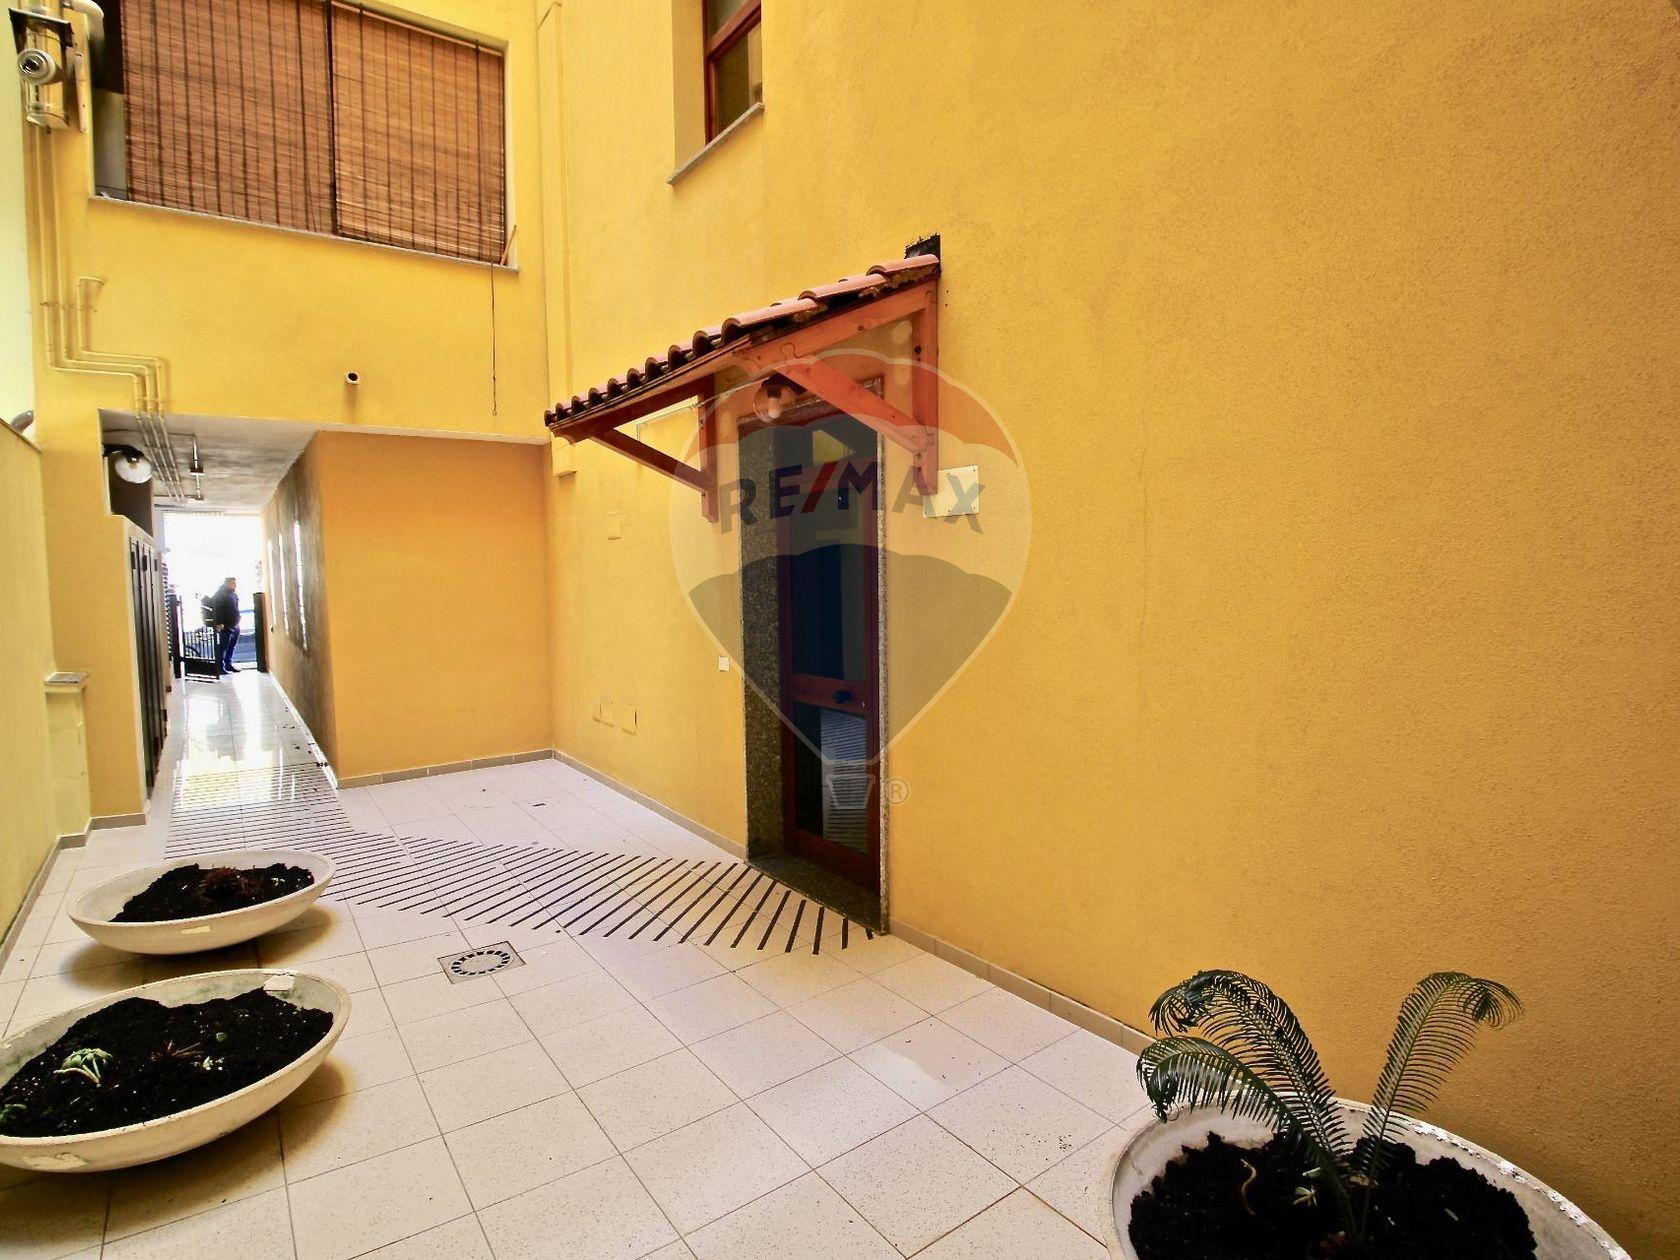 Appartamento Ss-sassari 2, Sassari, SS Vendita - Foto 19